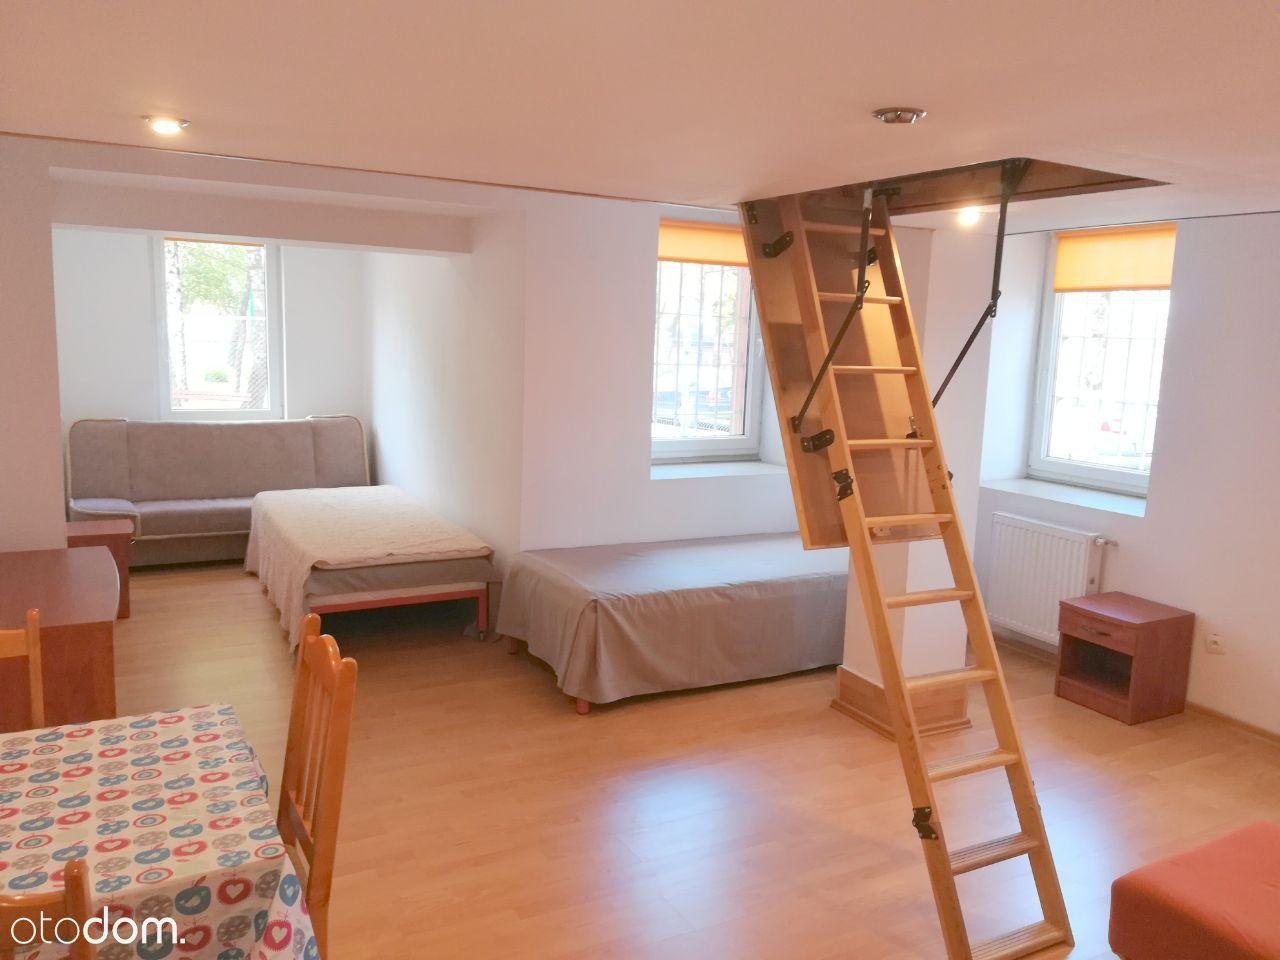 Mieszkanie na sprzedaż, Świebodzice, świdnicki, dolnośląskie - Foto 10